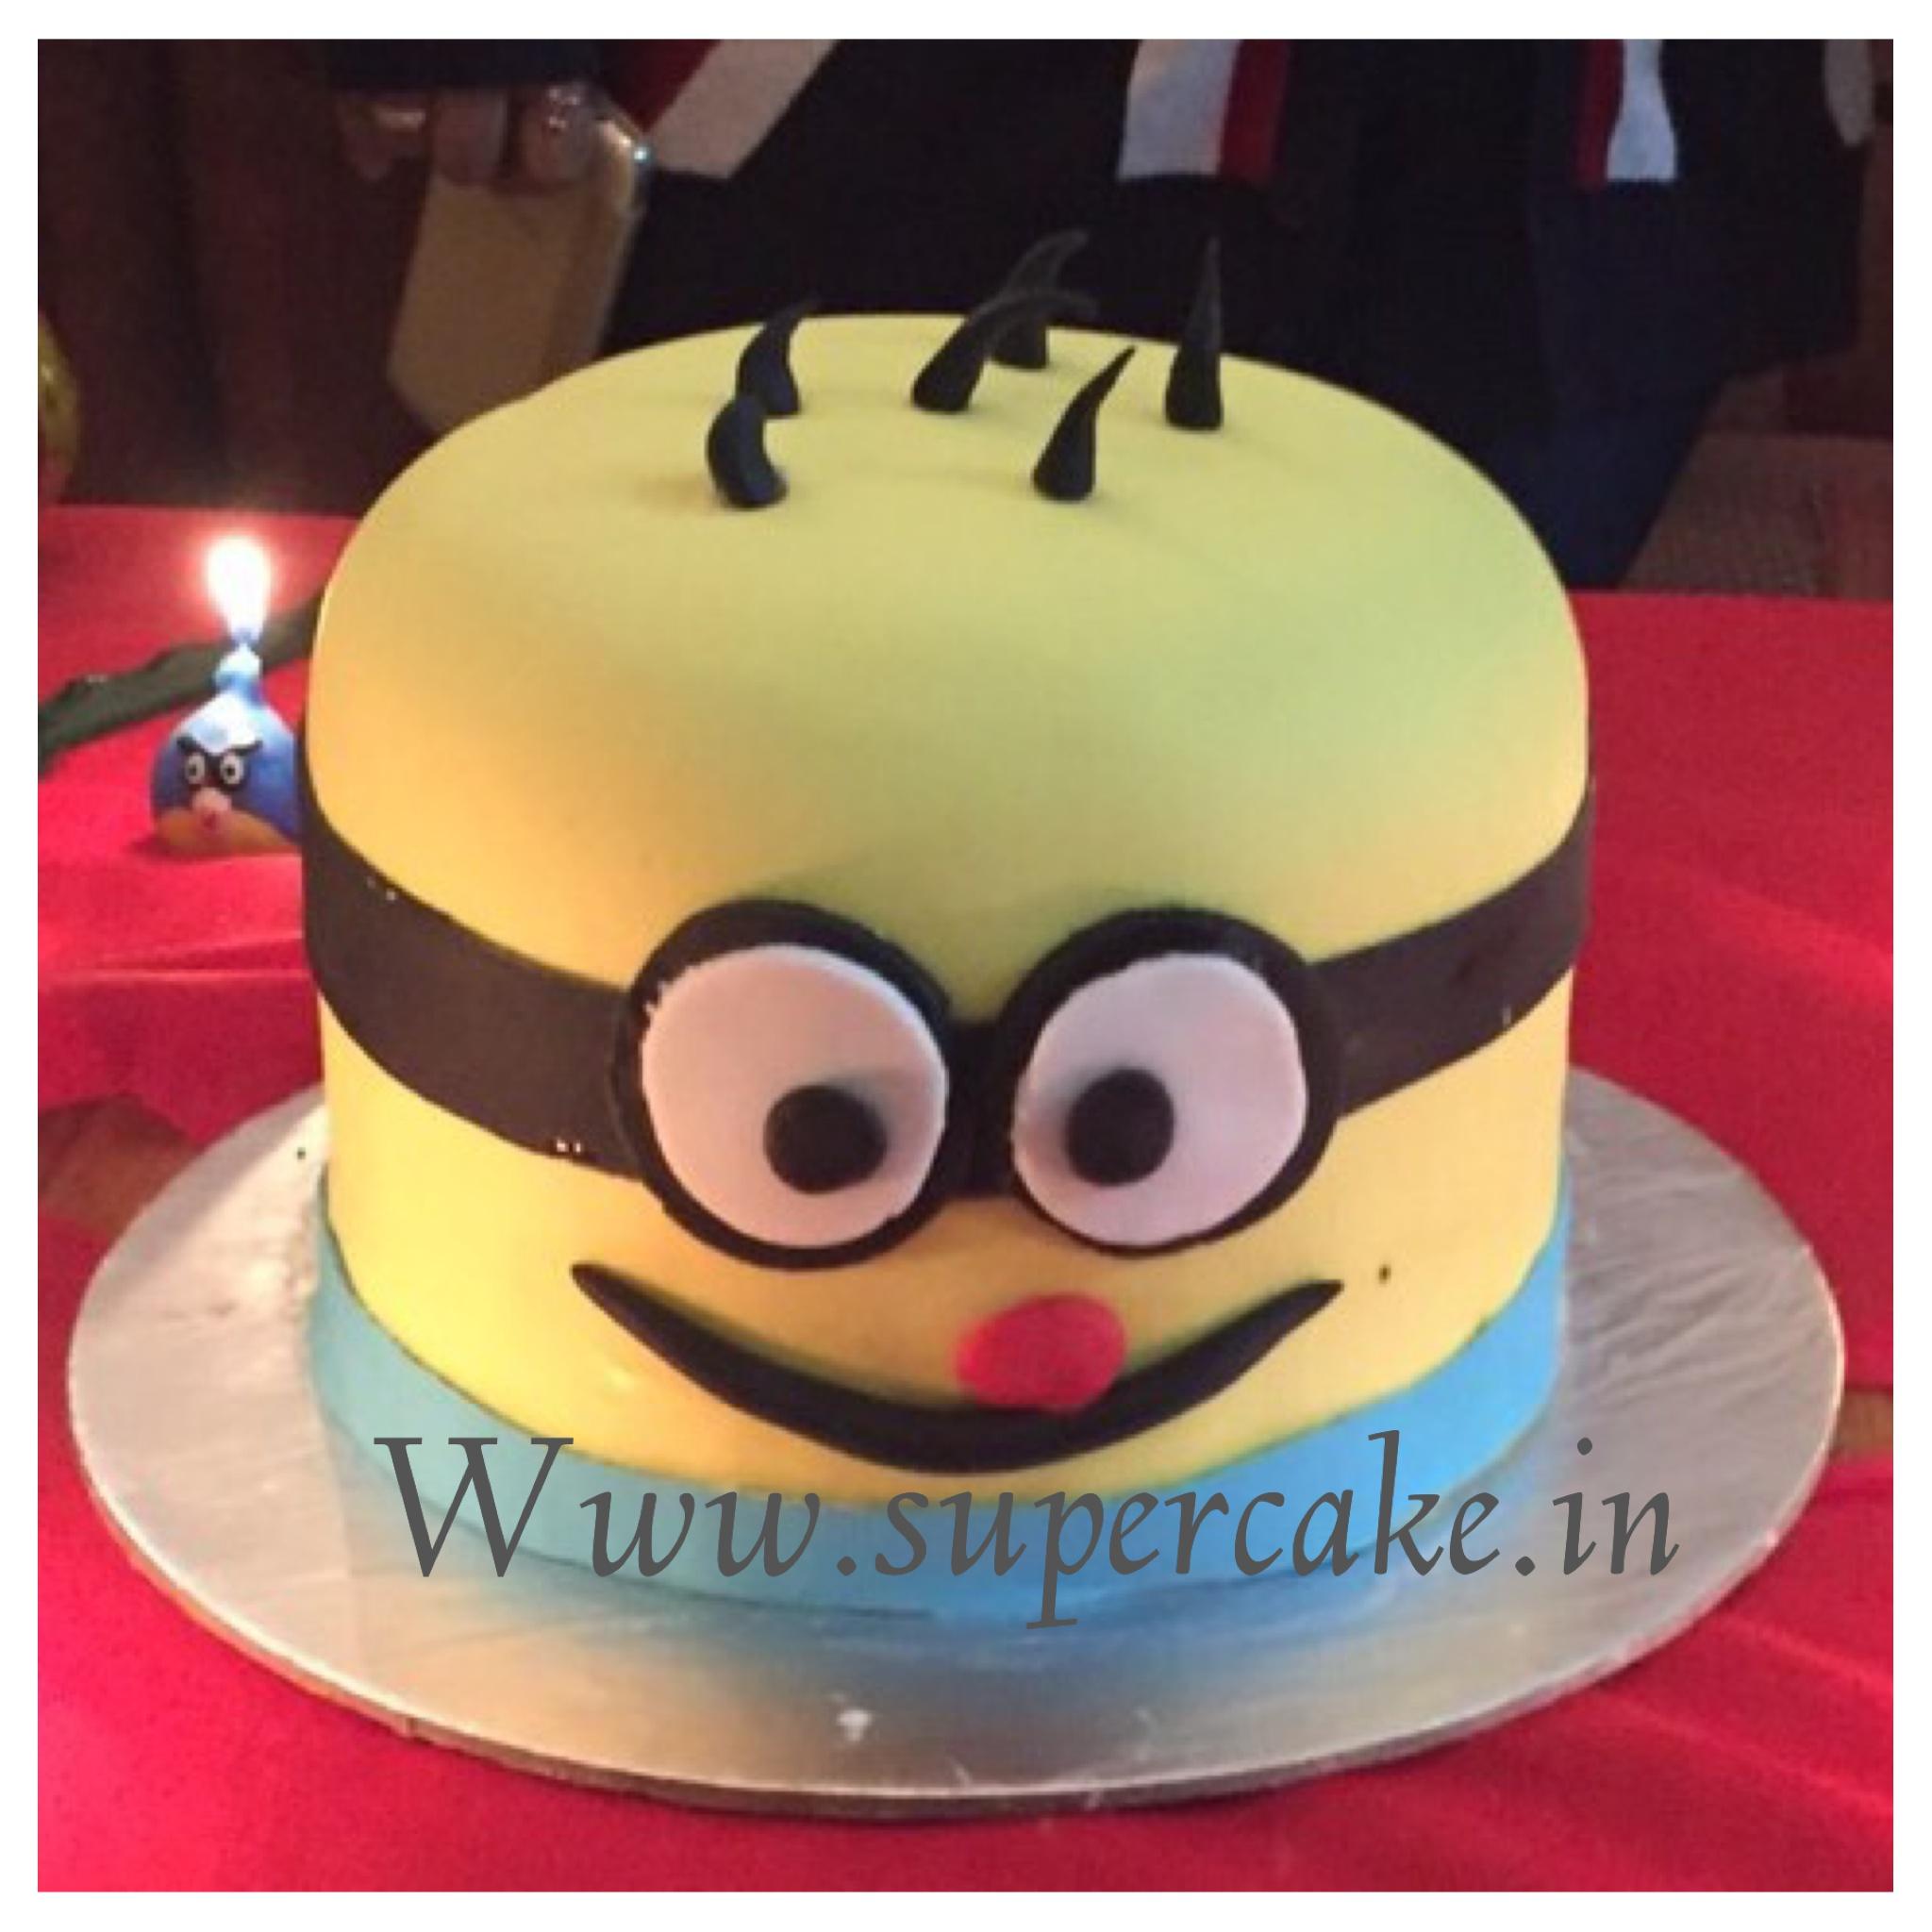 Cake Design Company Noida : 1kg cake designer